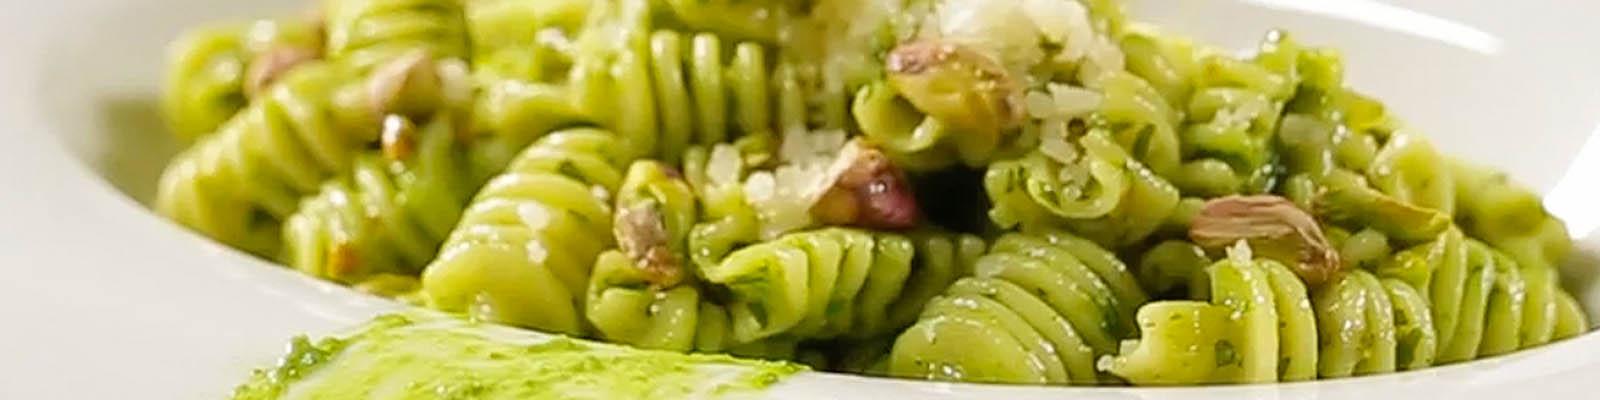 Pasta Garofalo - Radiatori au pesto à la roquette et aux pistaches